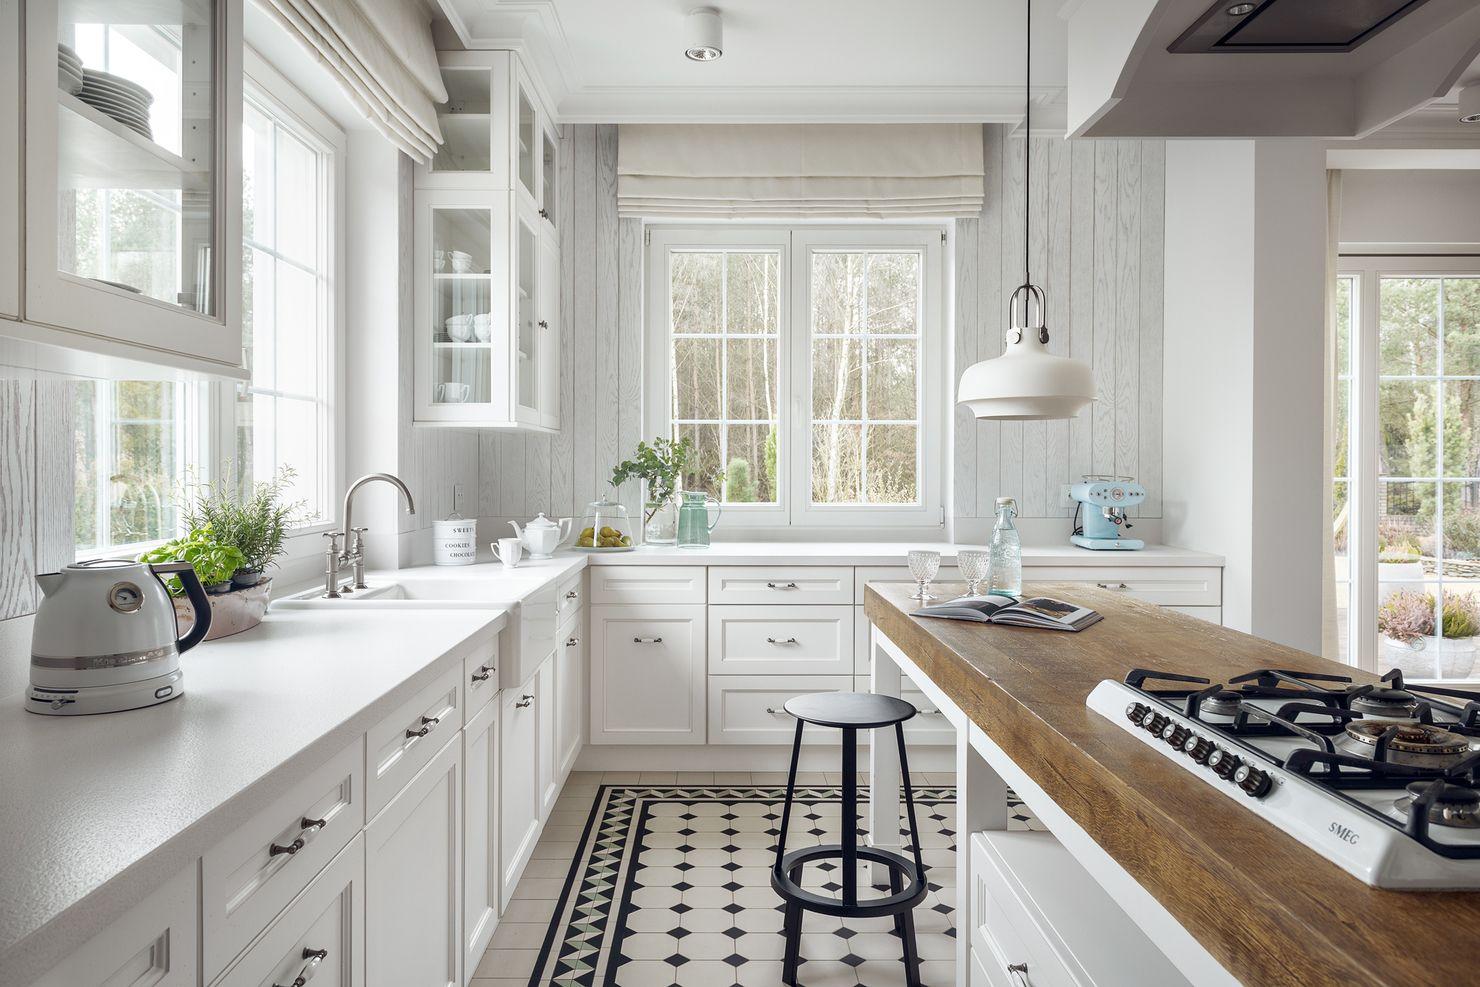 Jakie Płytki Na Podłogę W Kuchni Wybrać Interior